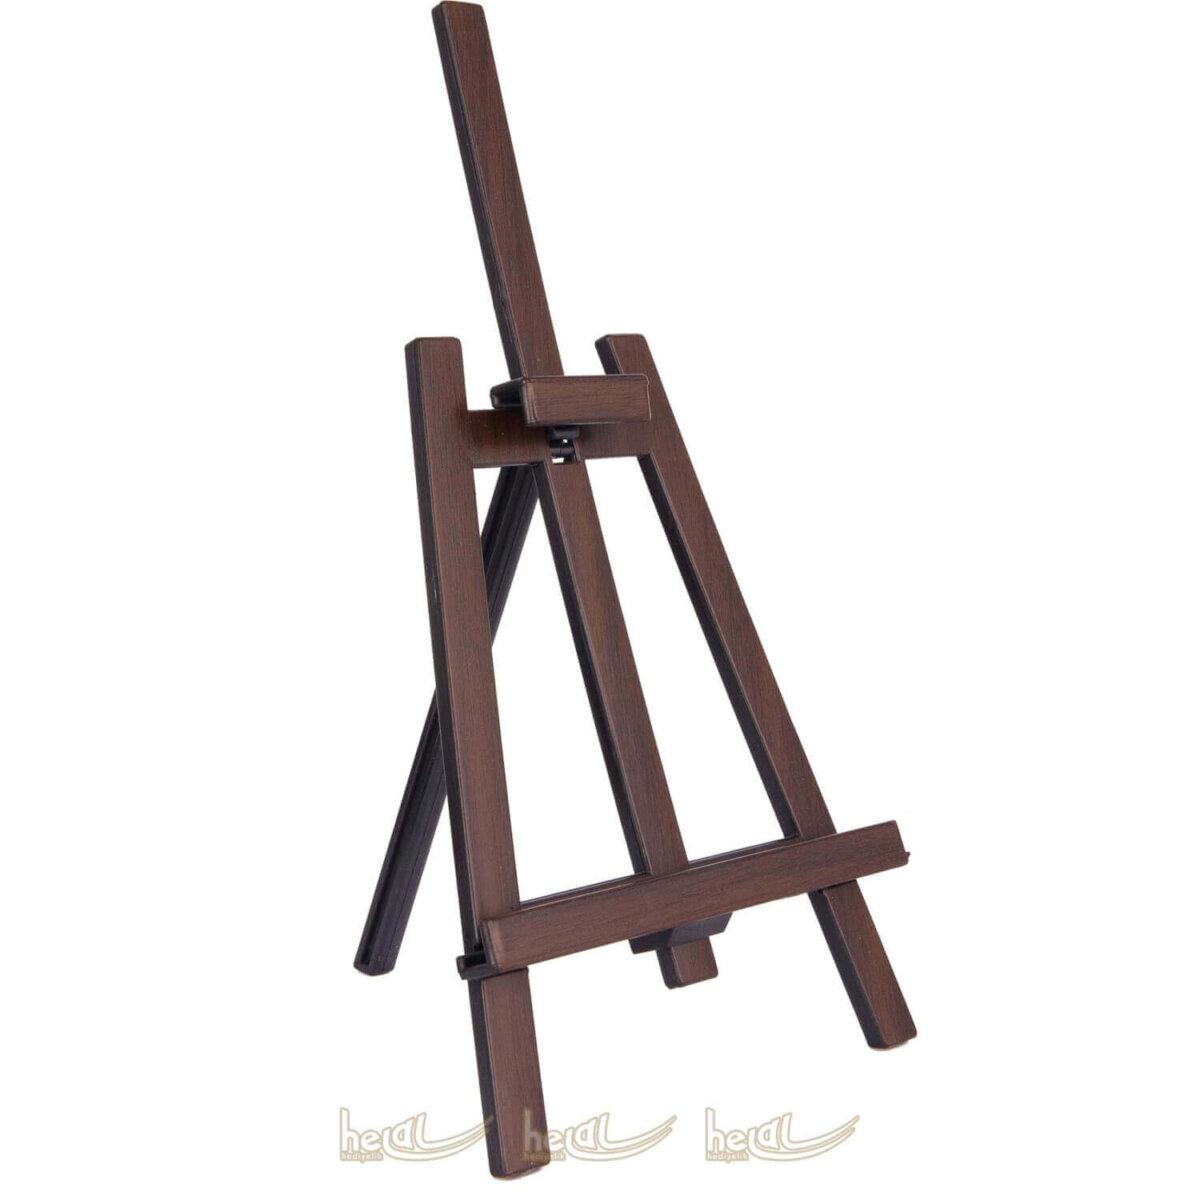 31x15cm Ahşap Görünümlü Şovalye Ayak 10 Adet Teşhir Ayakları